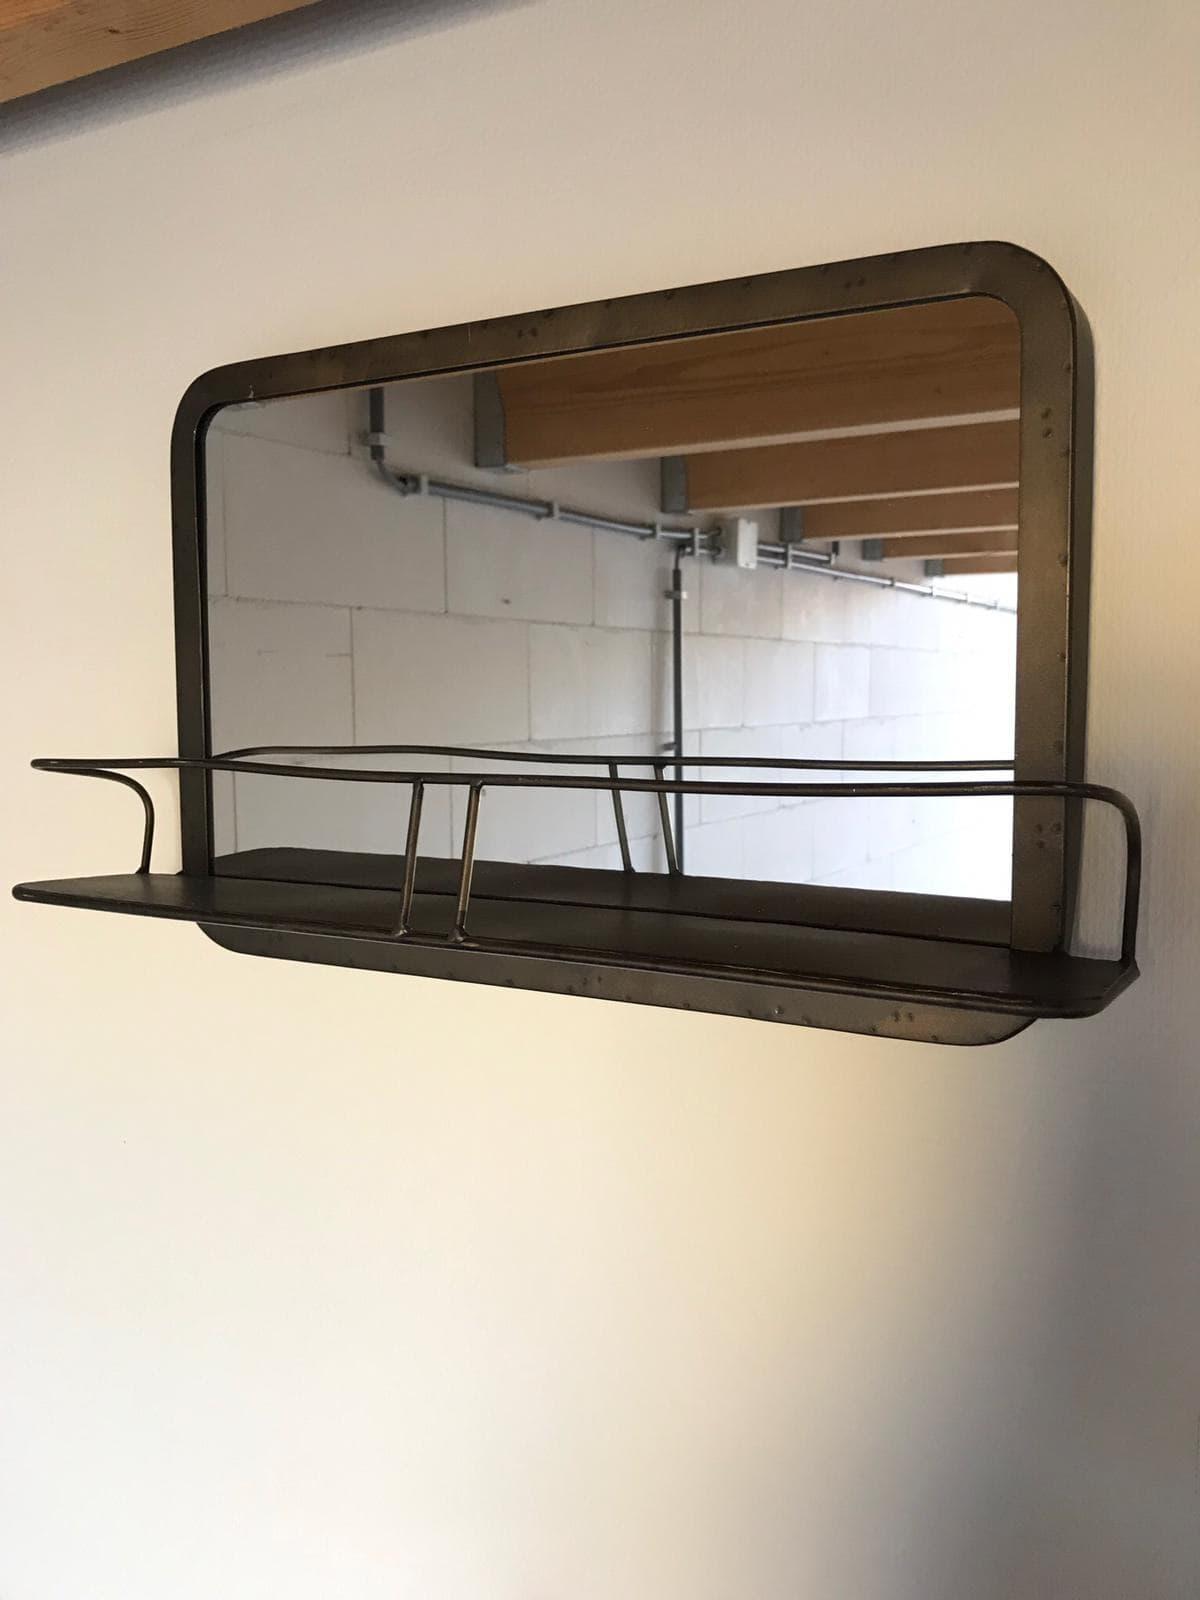 Nieuw Spiegel voor hal/badkamer - OTIQ JK-42